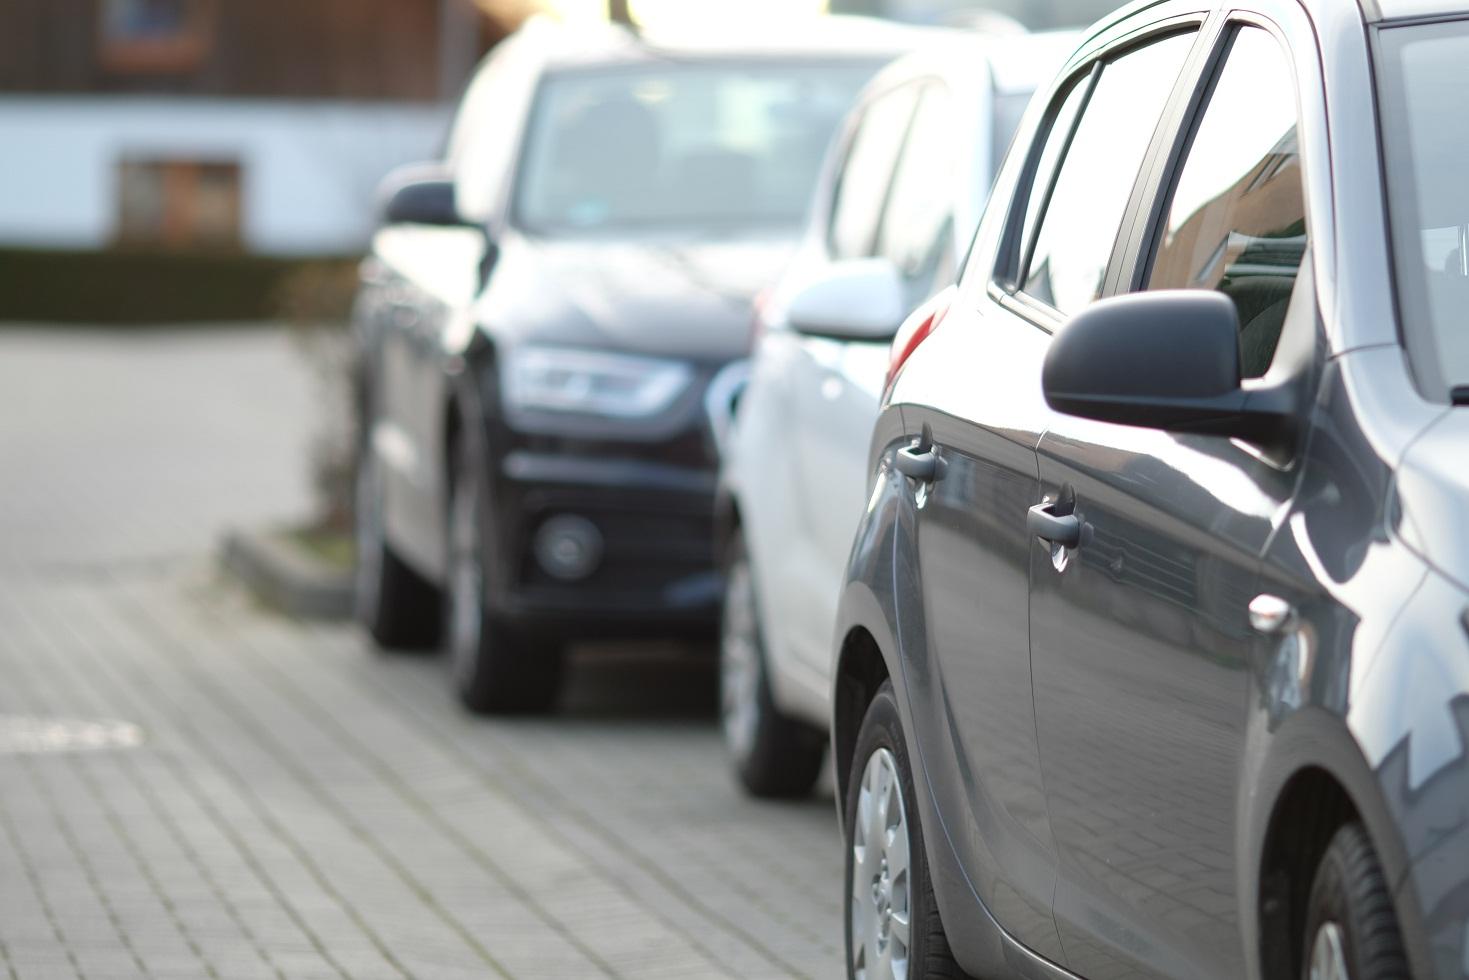 Nueva normalidad: Evolución de precios de vehículos seminuevos